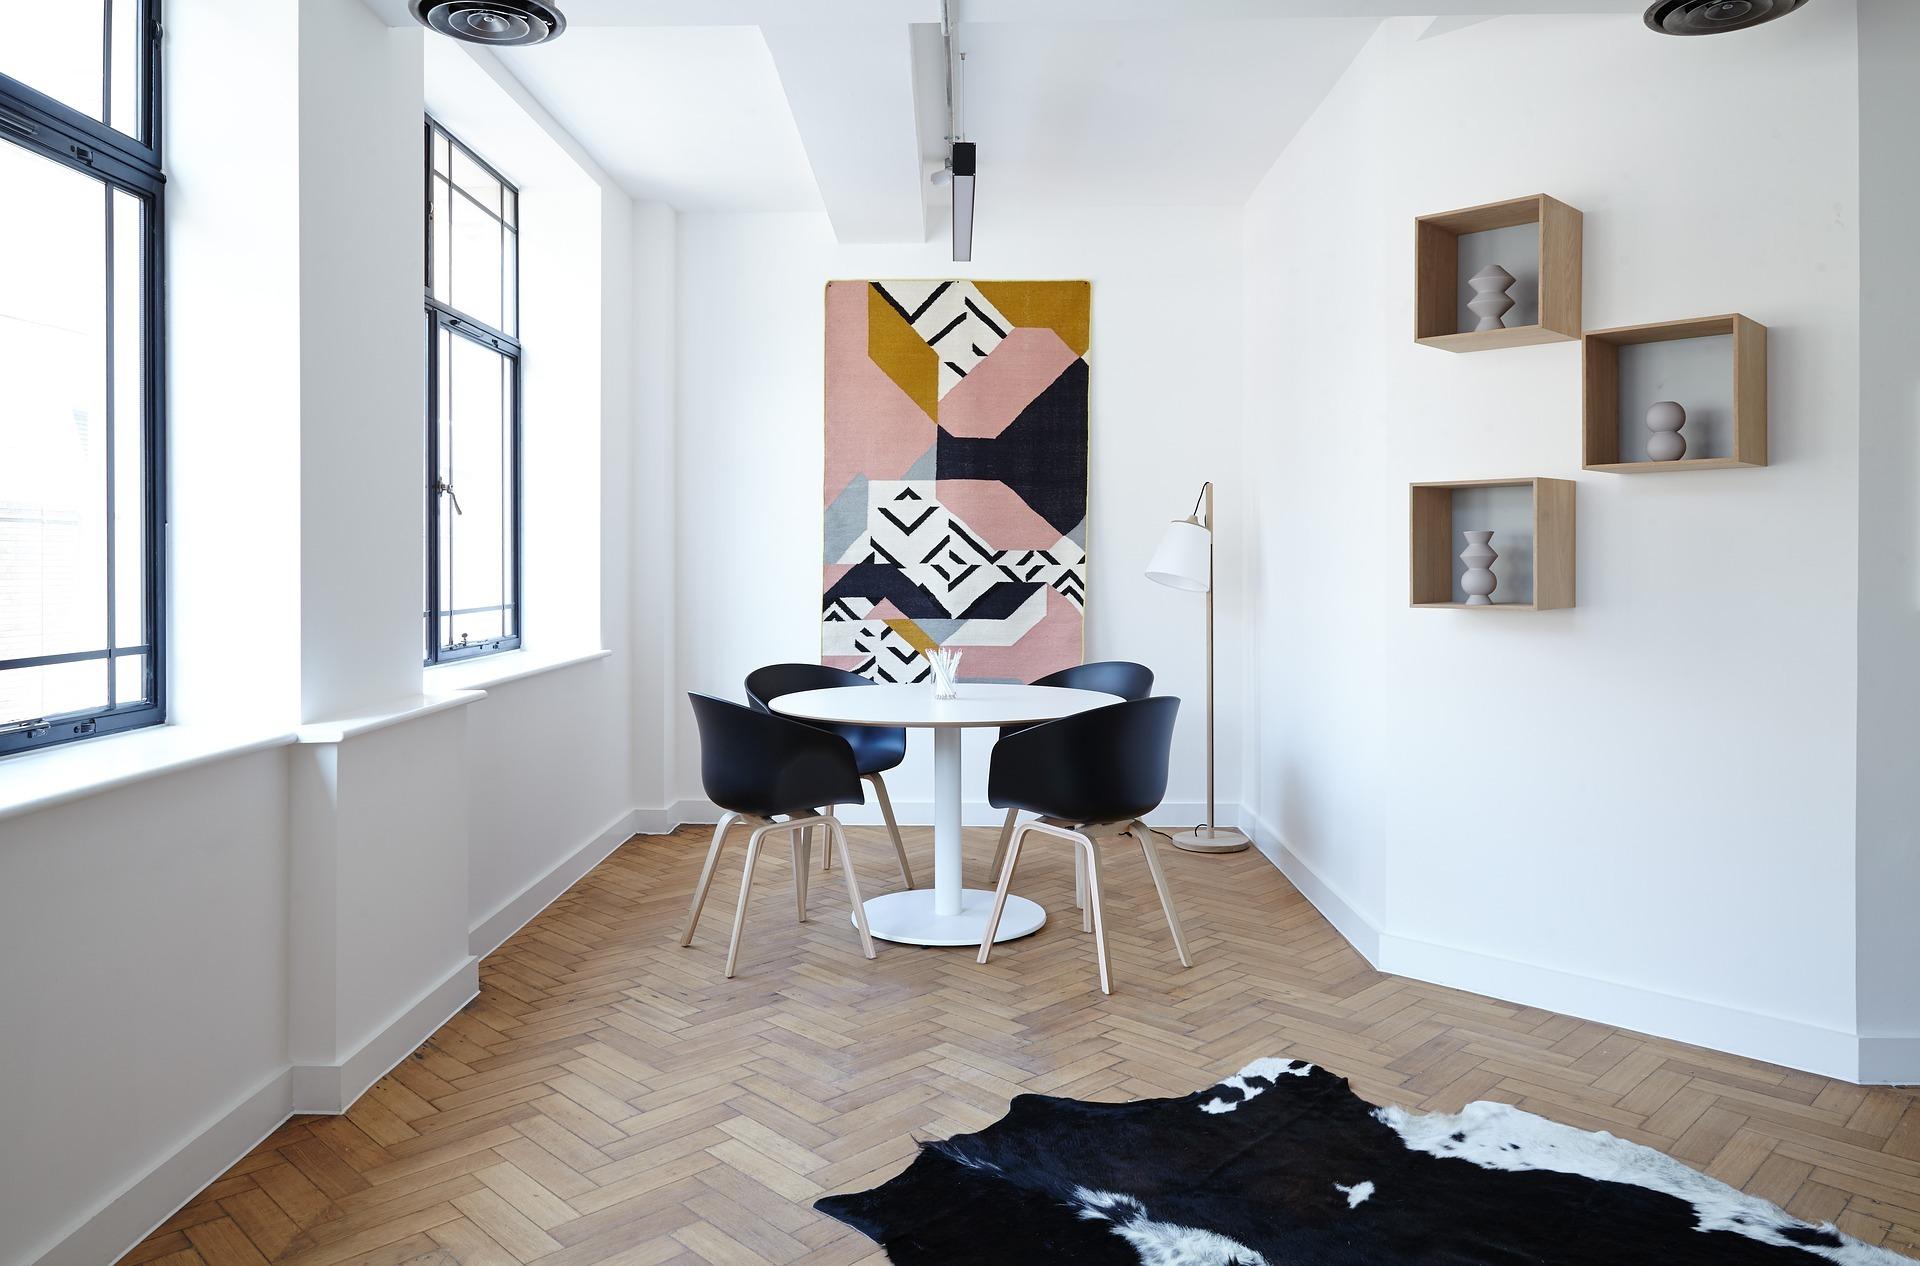 Welche Möbel braucht man für eine Wohnung auf psd2011.de